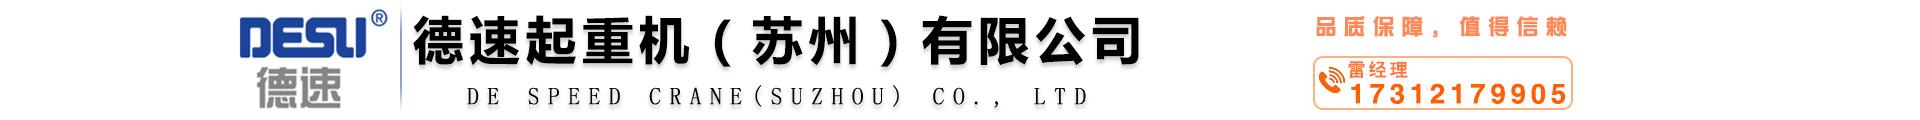 德速起重機(蘇州)有限公司